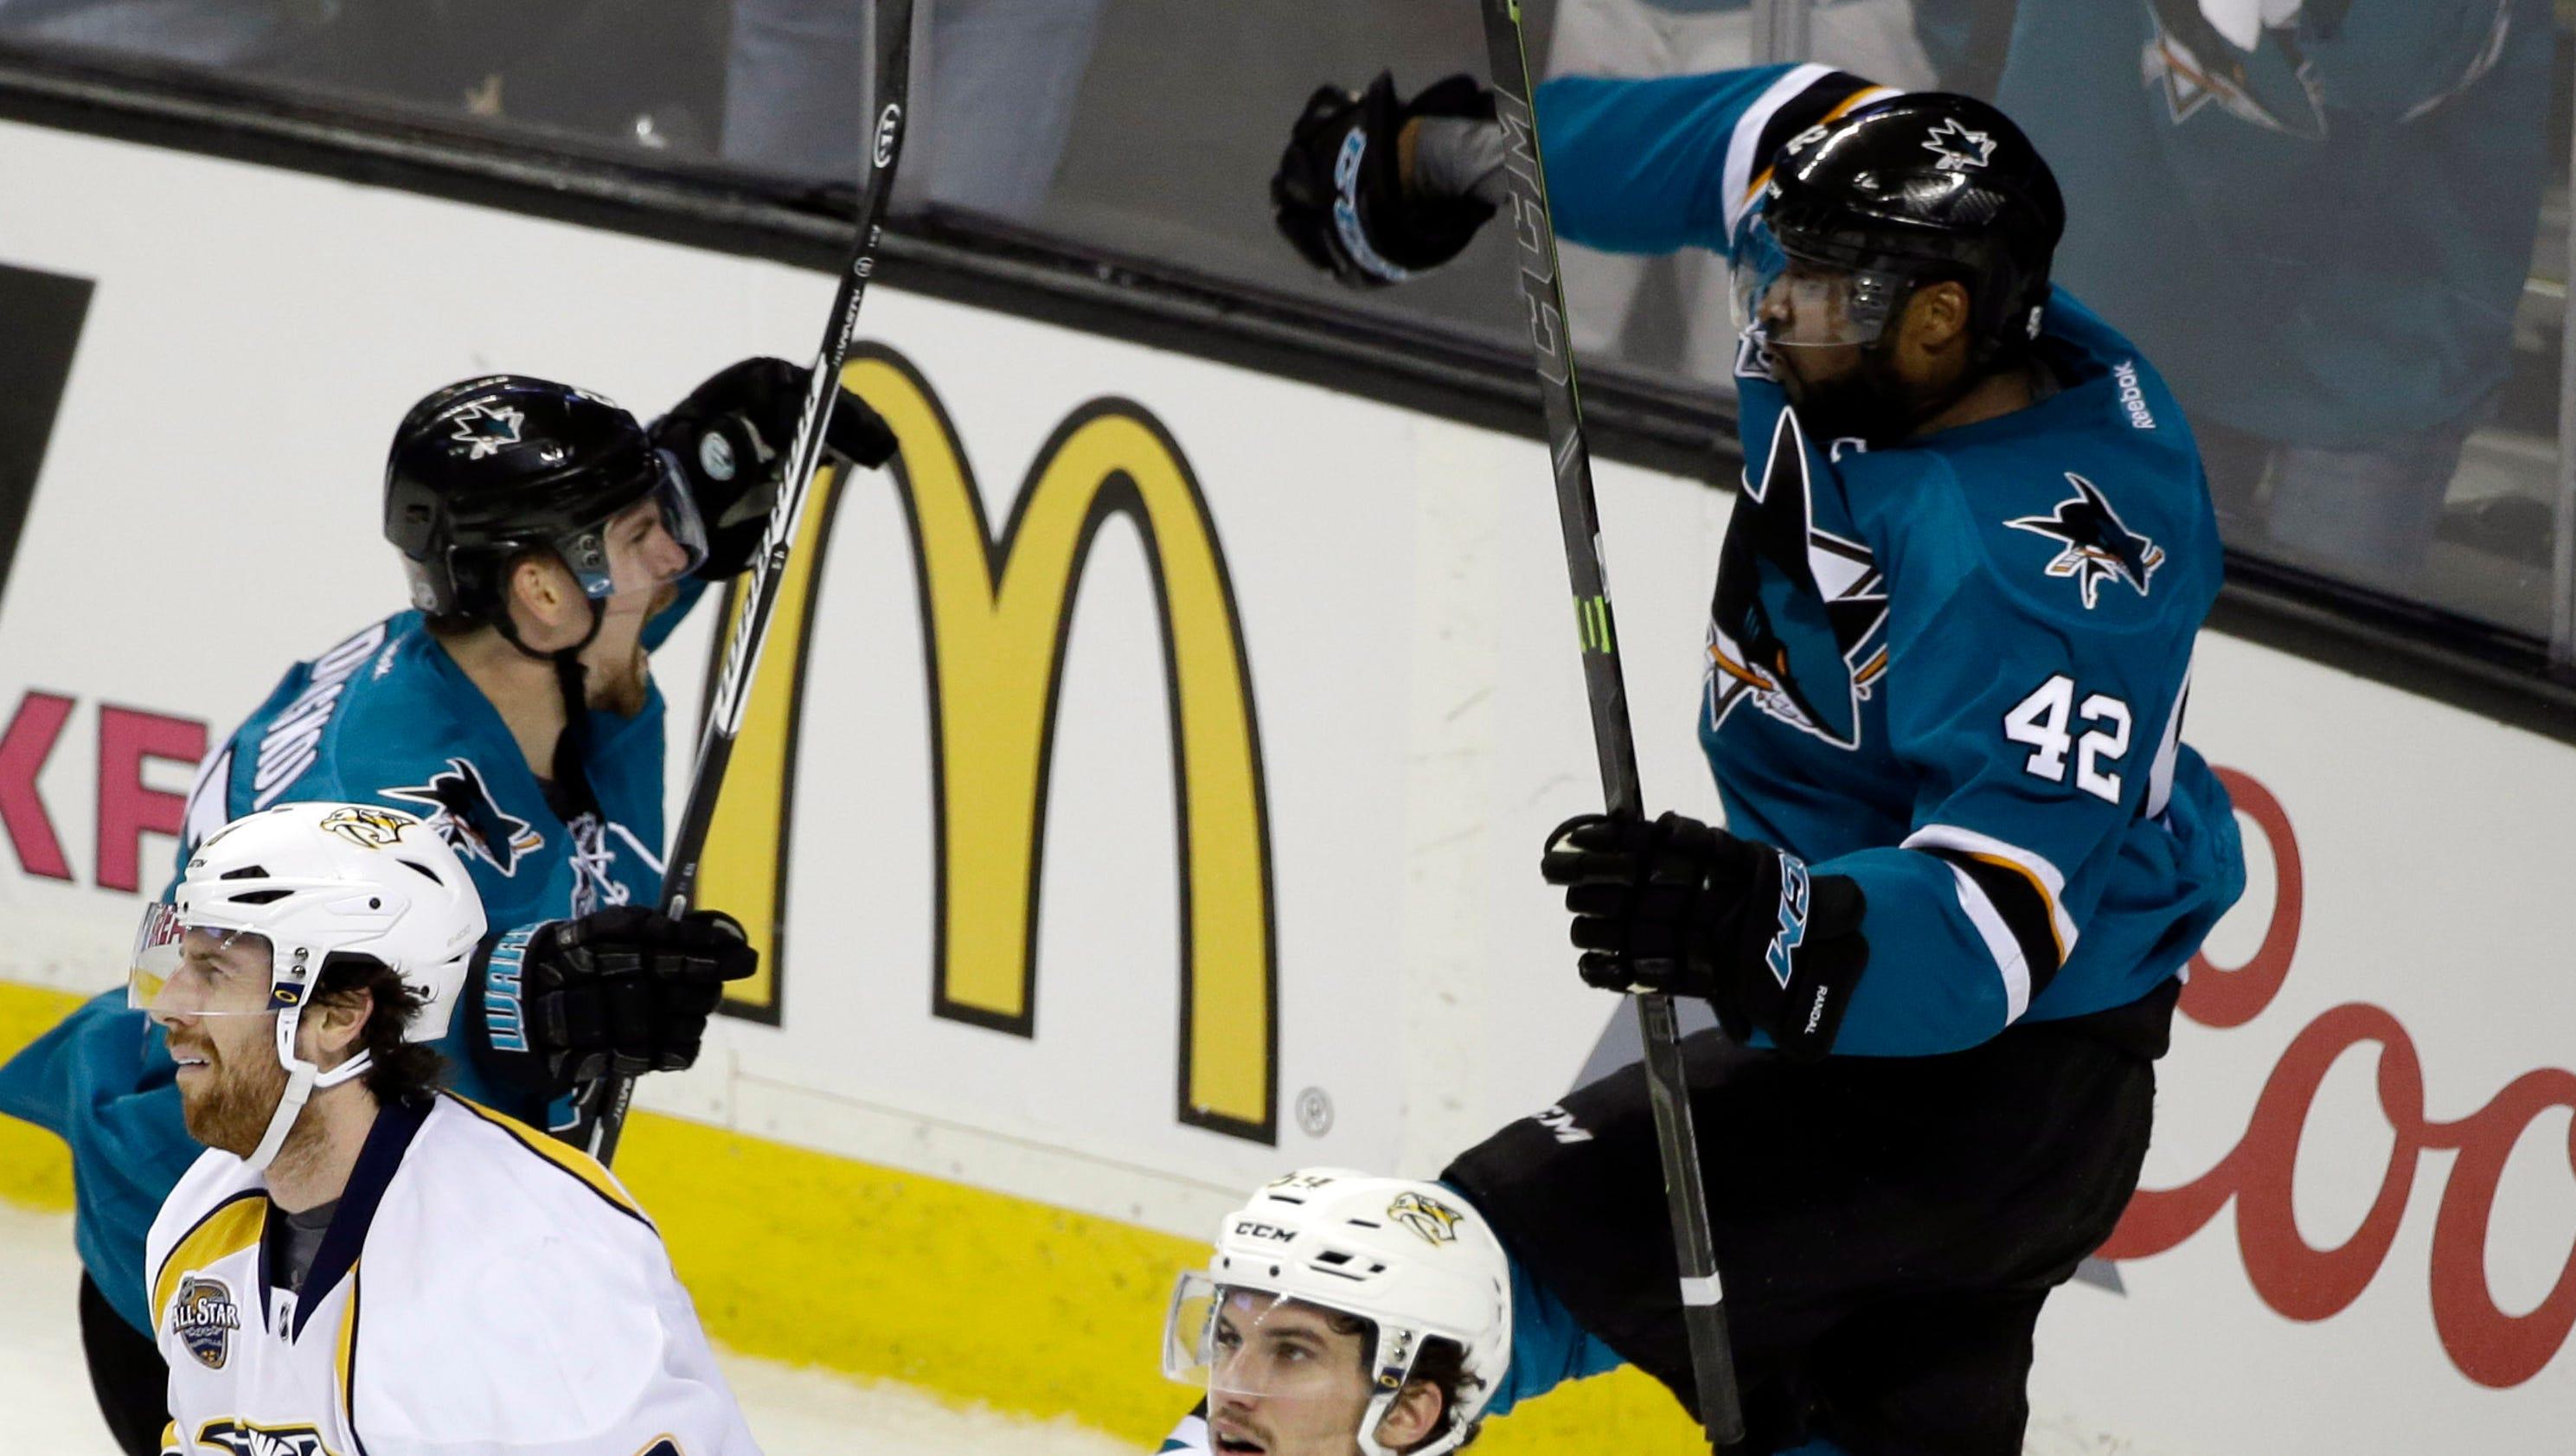 635975774549191899-ap-predators-sharks-hockey-81547555